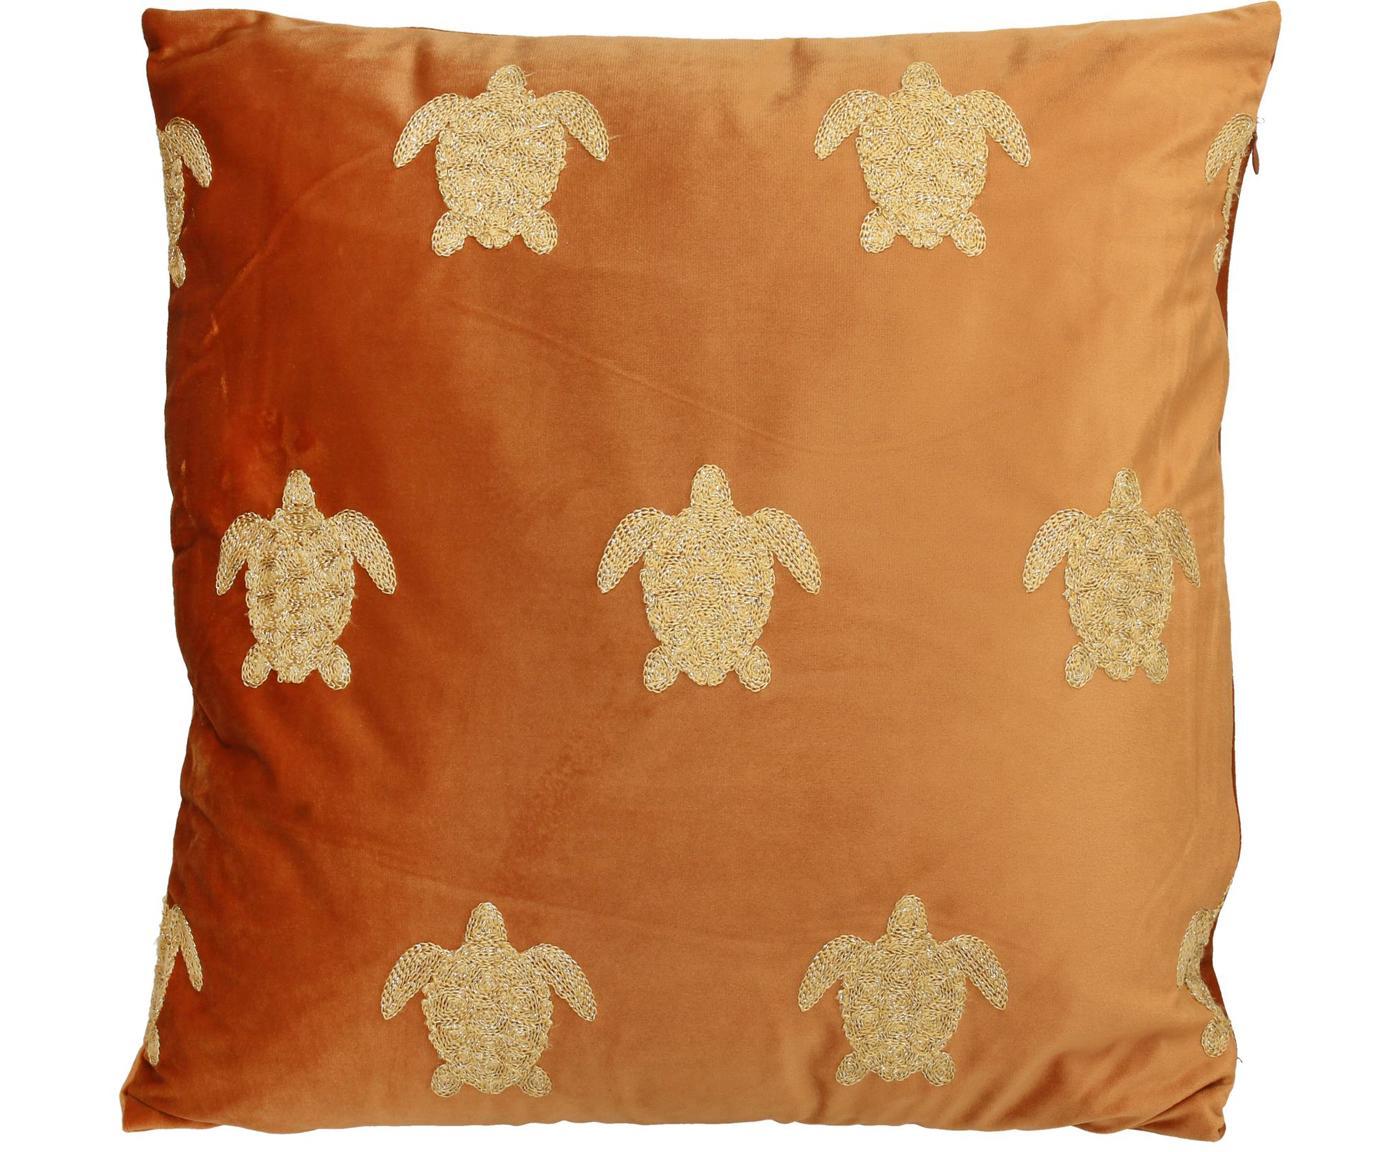 Besticktes Samt-Kissen Turtle, mit Inlett, 100% Samt, Orange, Goldfarben, 45 x 45 cm